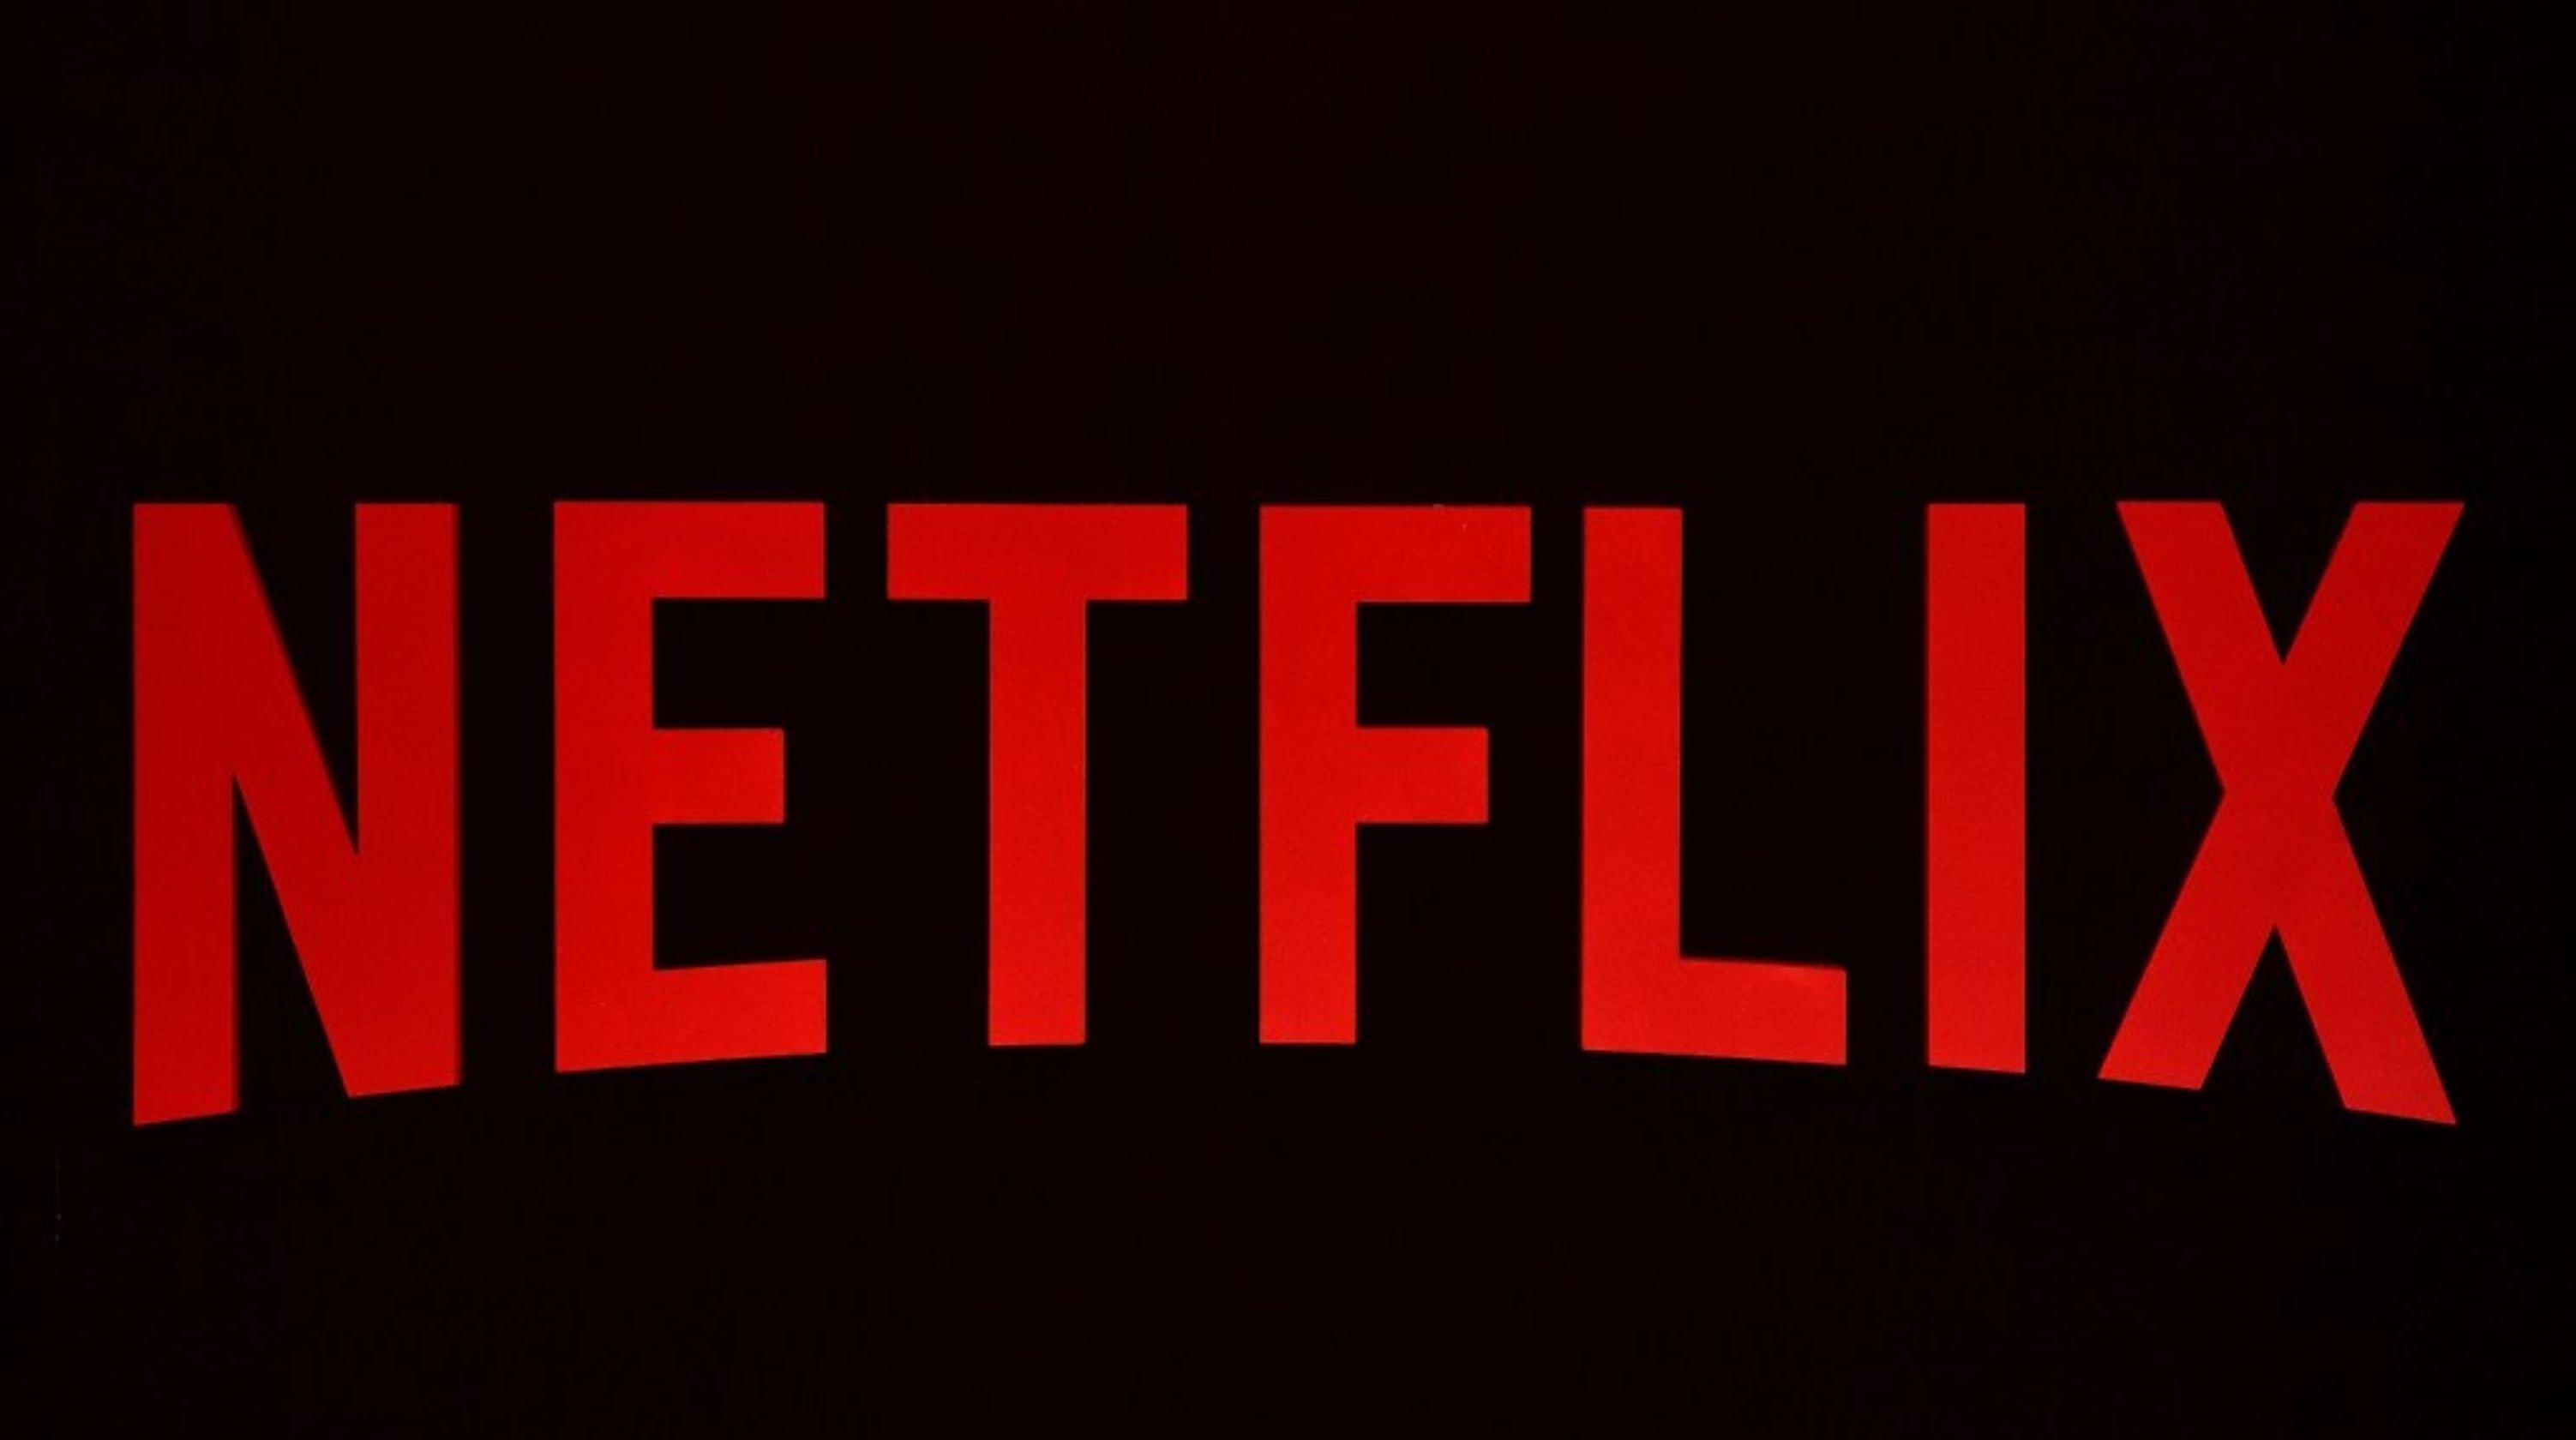 Αύξηση στη συνδρομή του Netflix